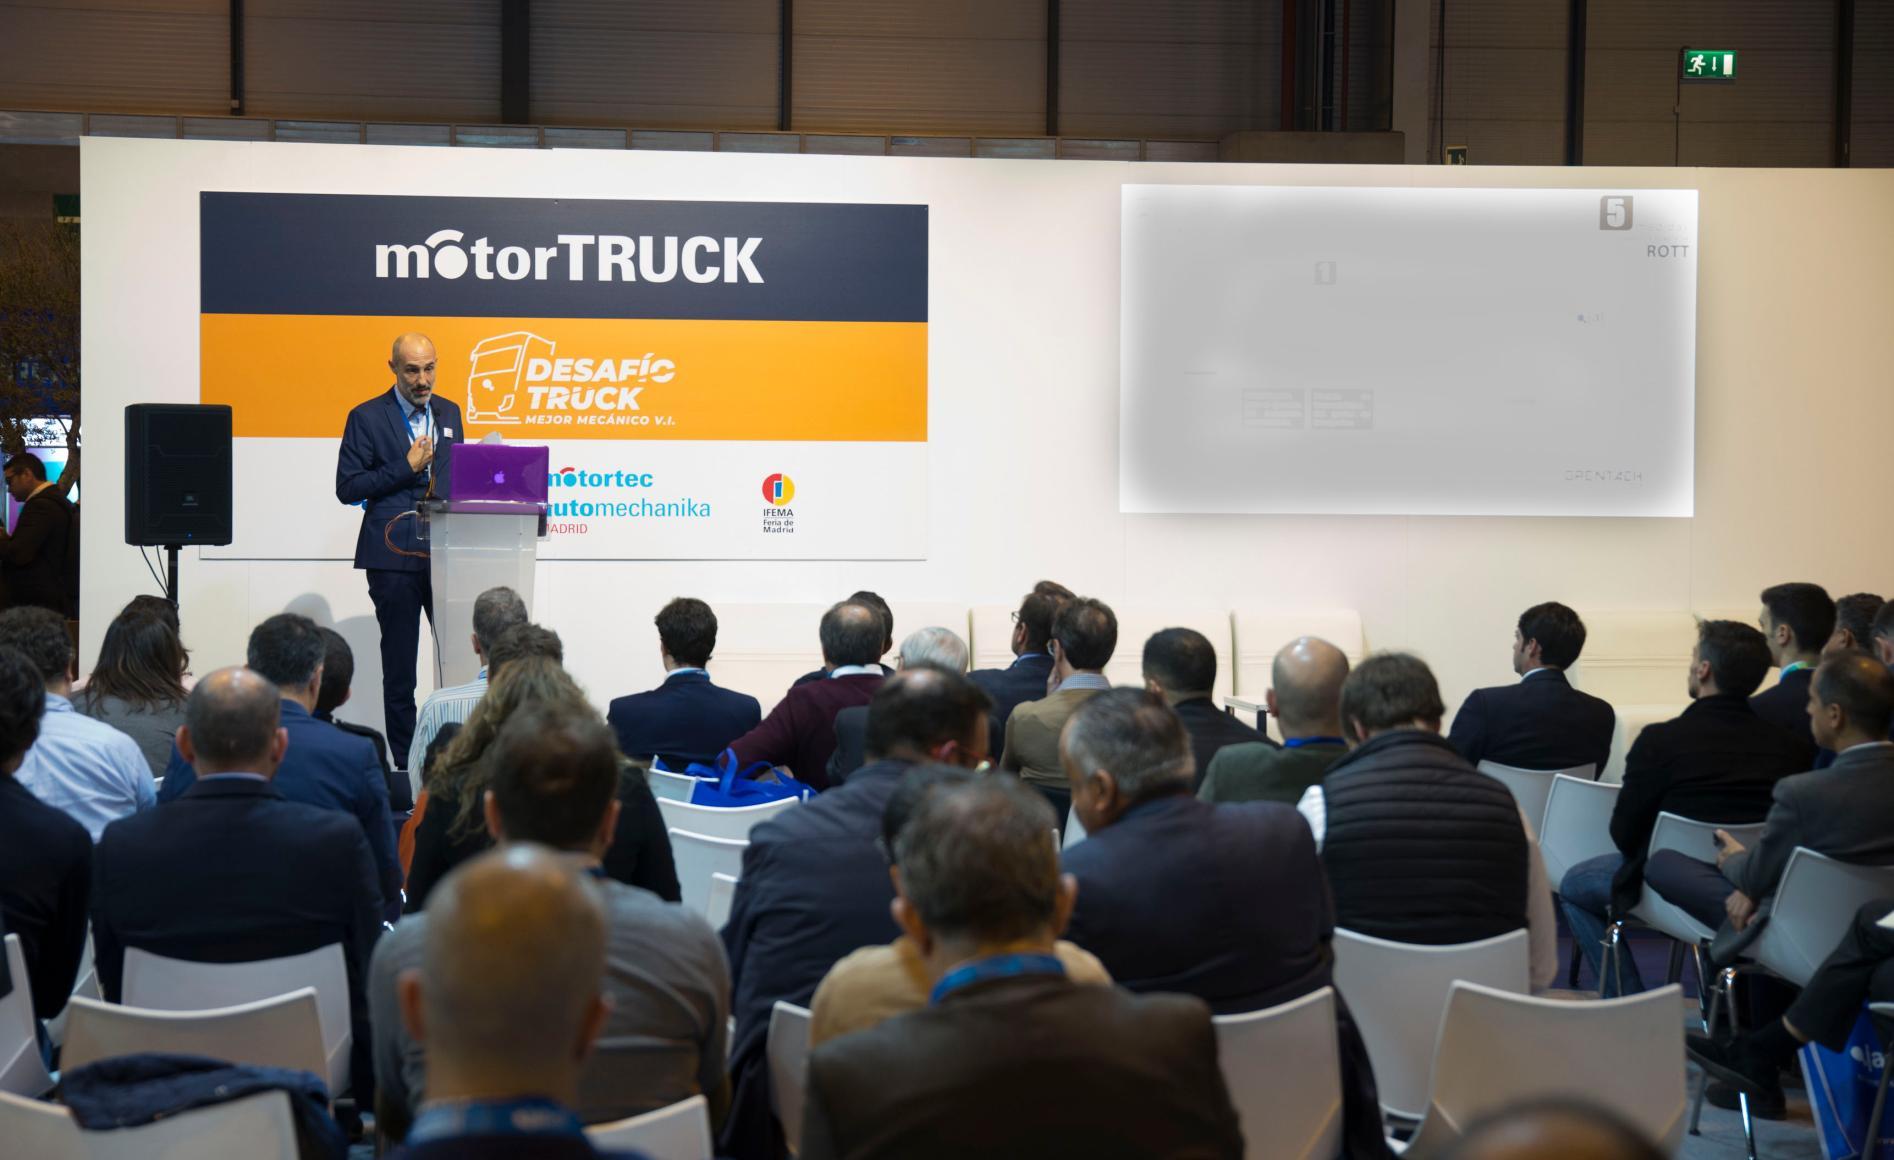 Conferencia en la feria internacional Motortruck